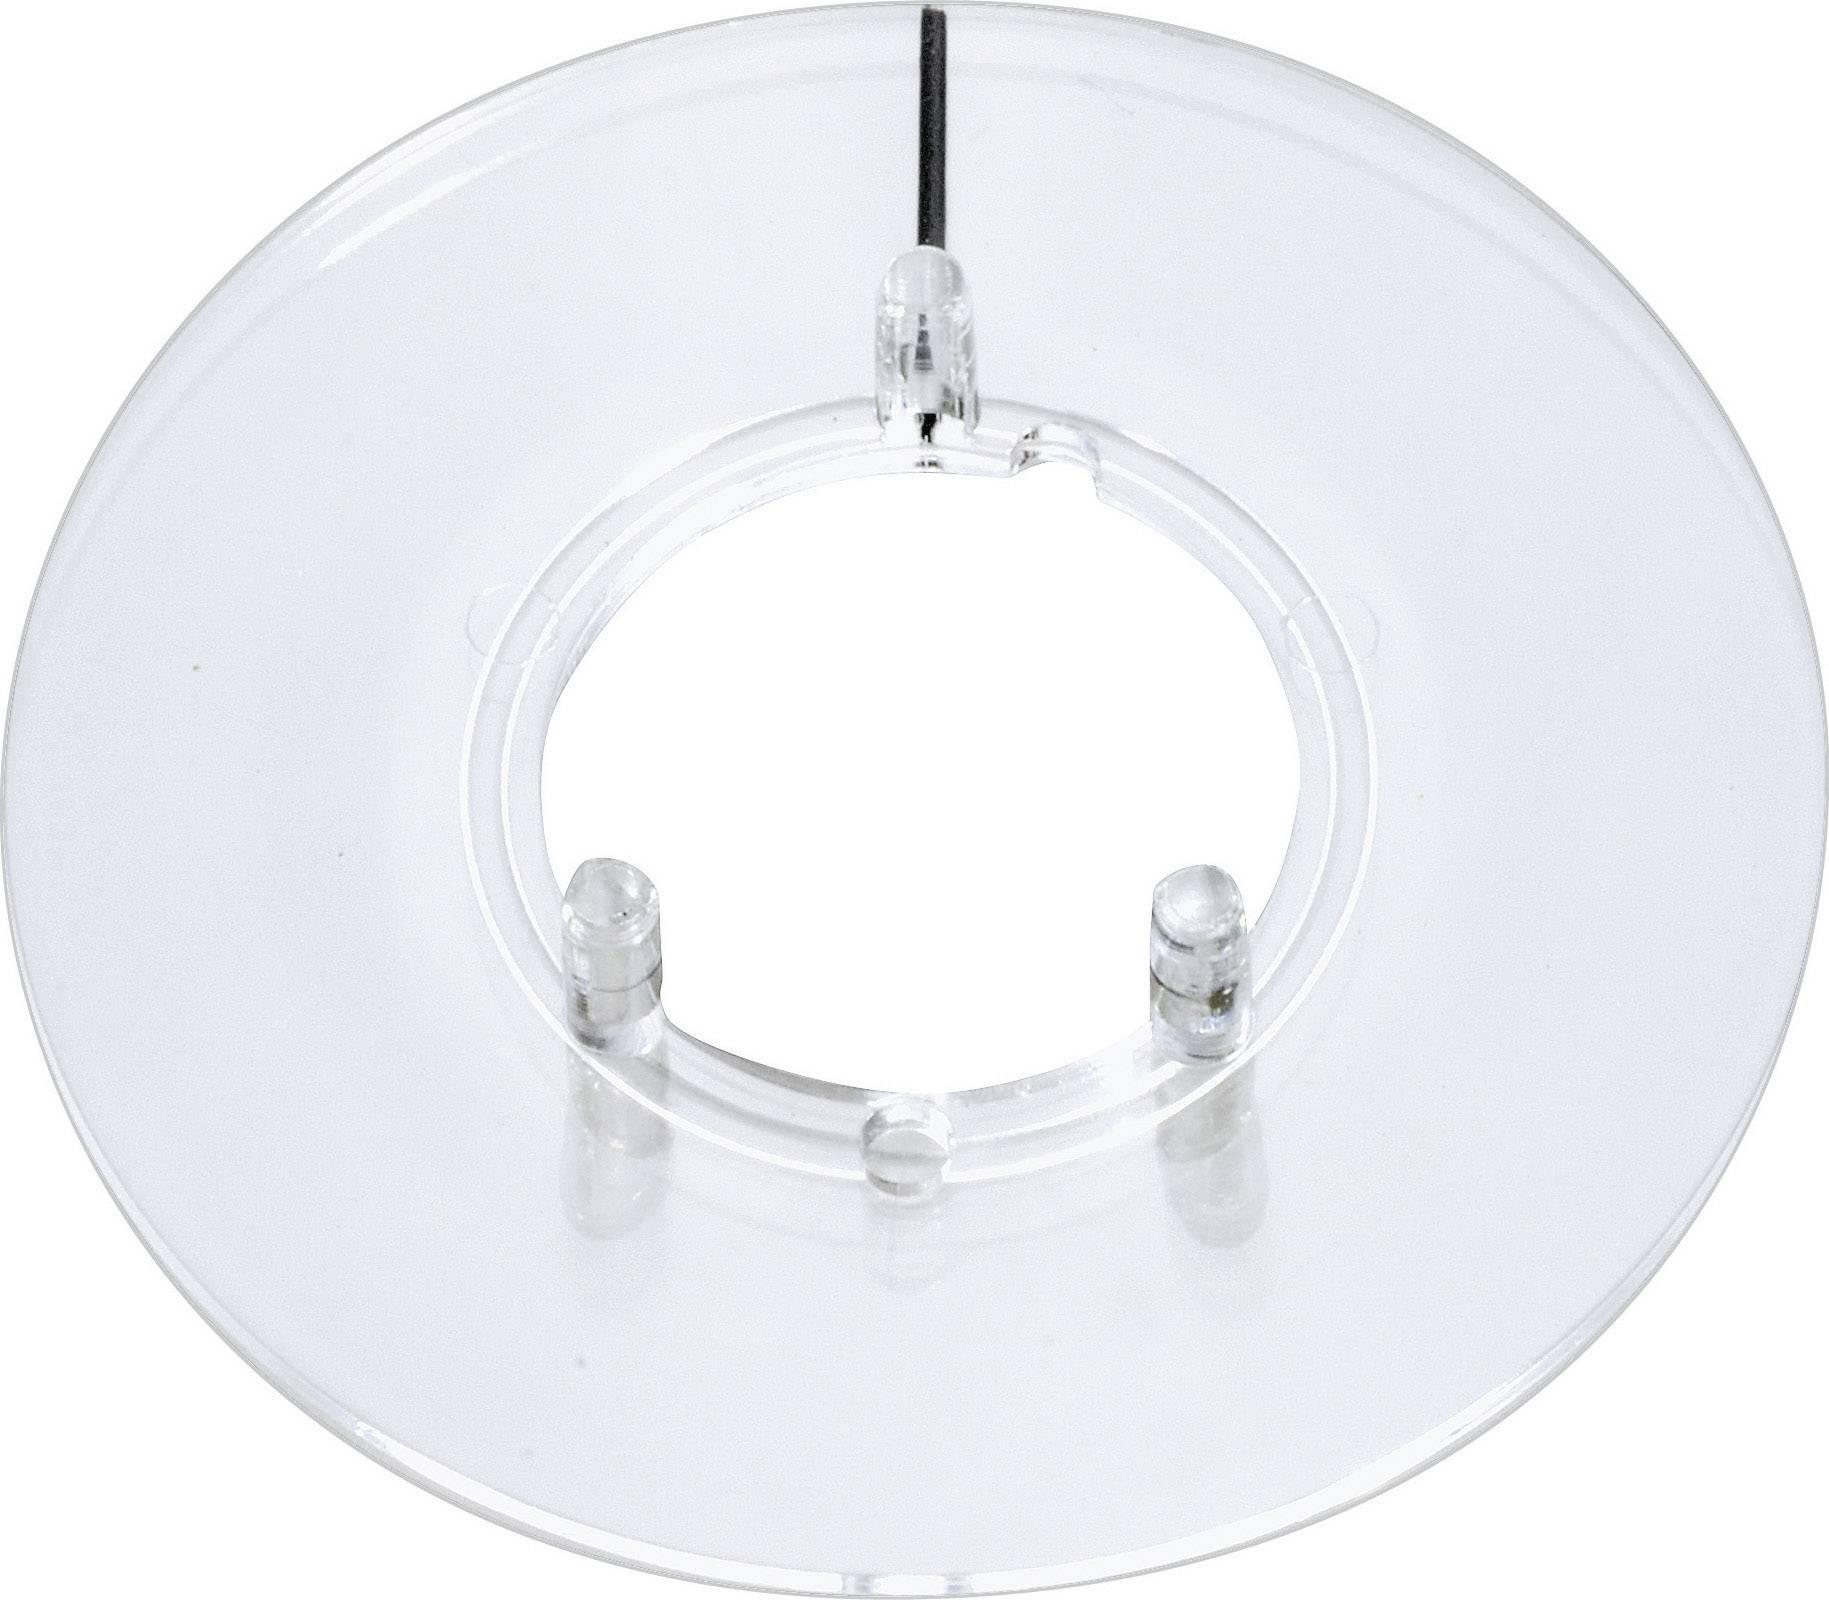 Kruhová stupnice s ukazatelem OKW, vhodná pro knoflík Ø 16 mm, transparentní